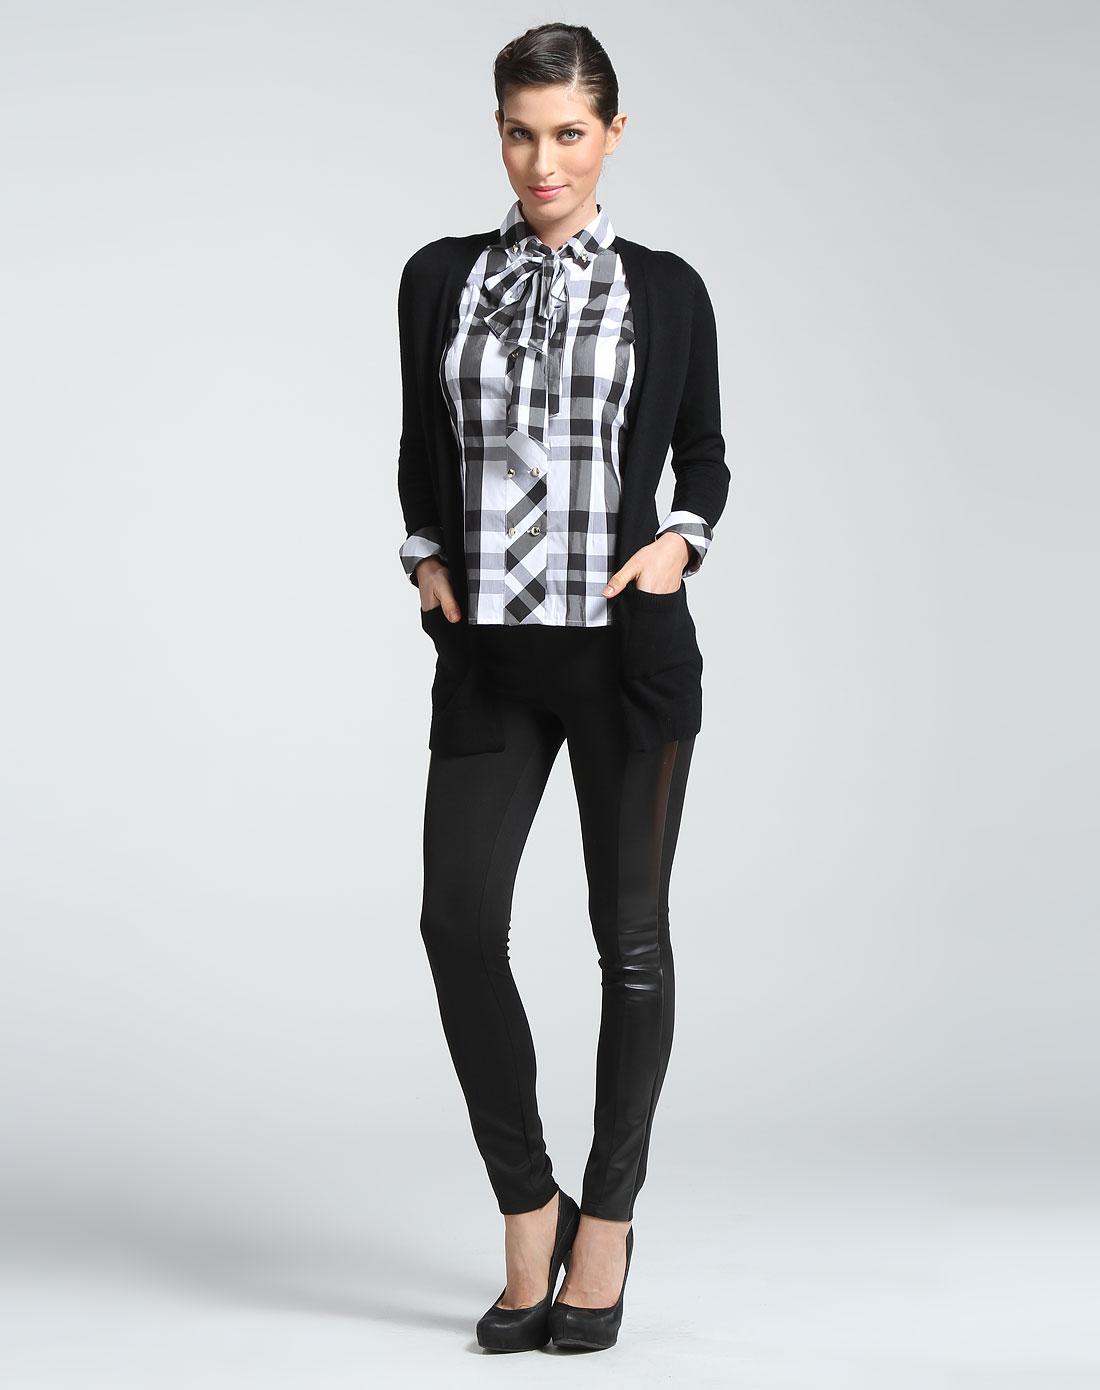 黑白色格子假两件长袖上衣